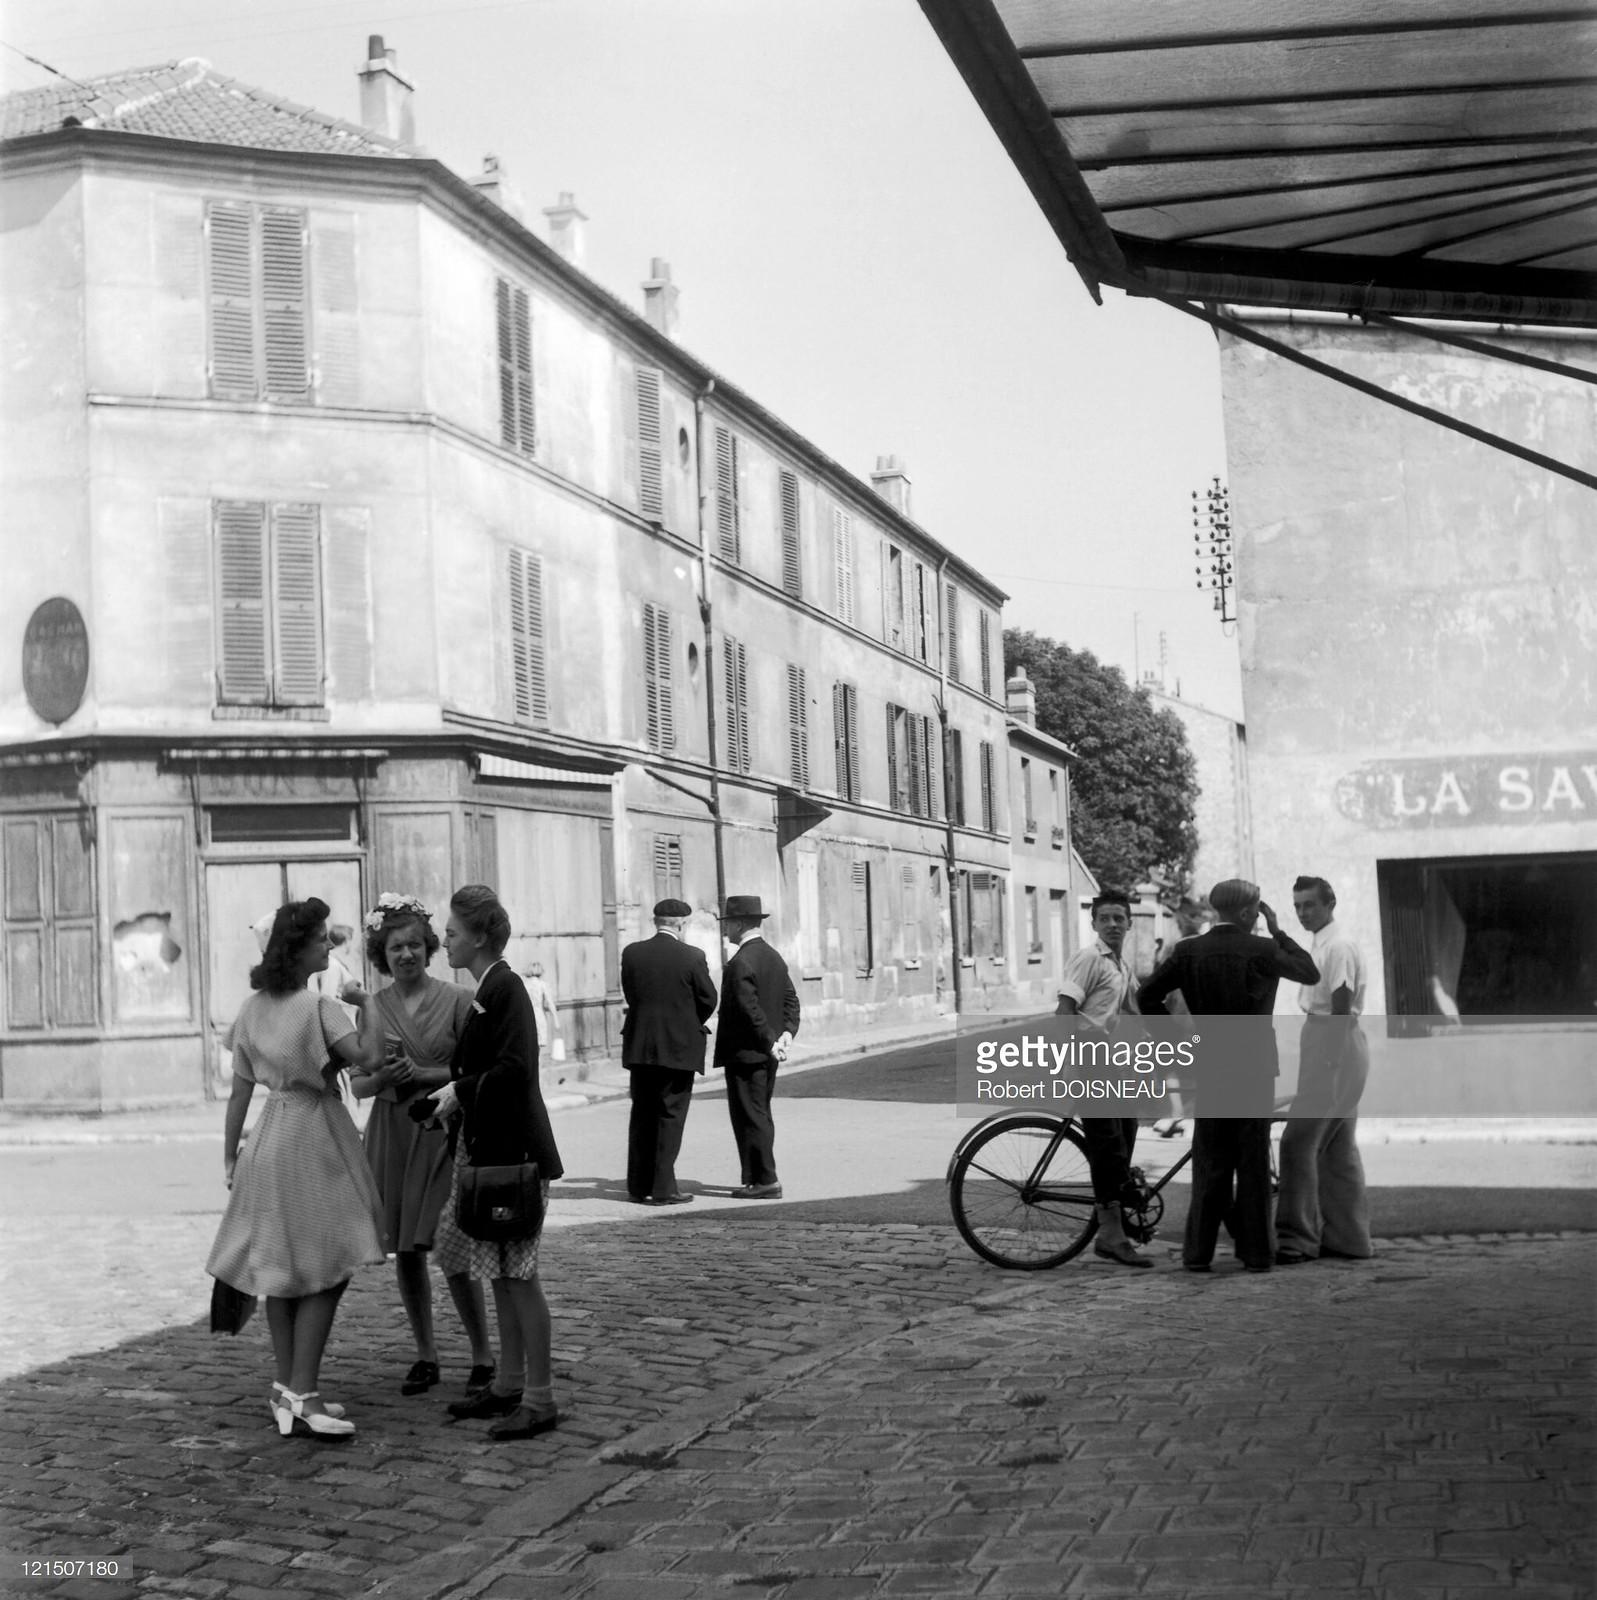 1945. Повседневная жизнь в Аркёй, пригороде Парижа